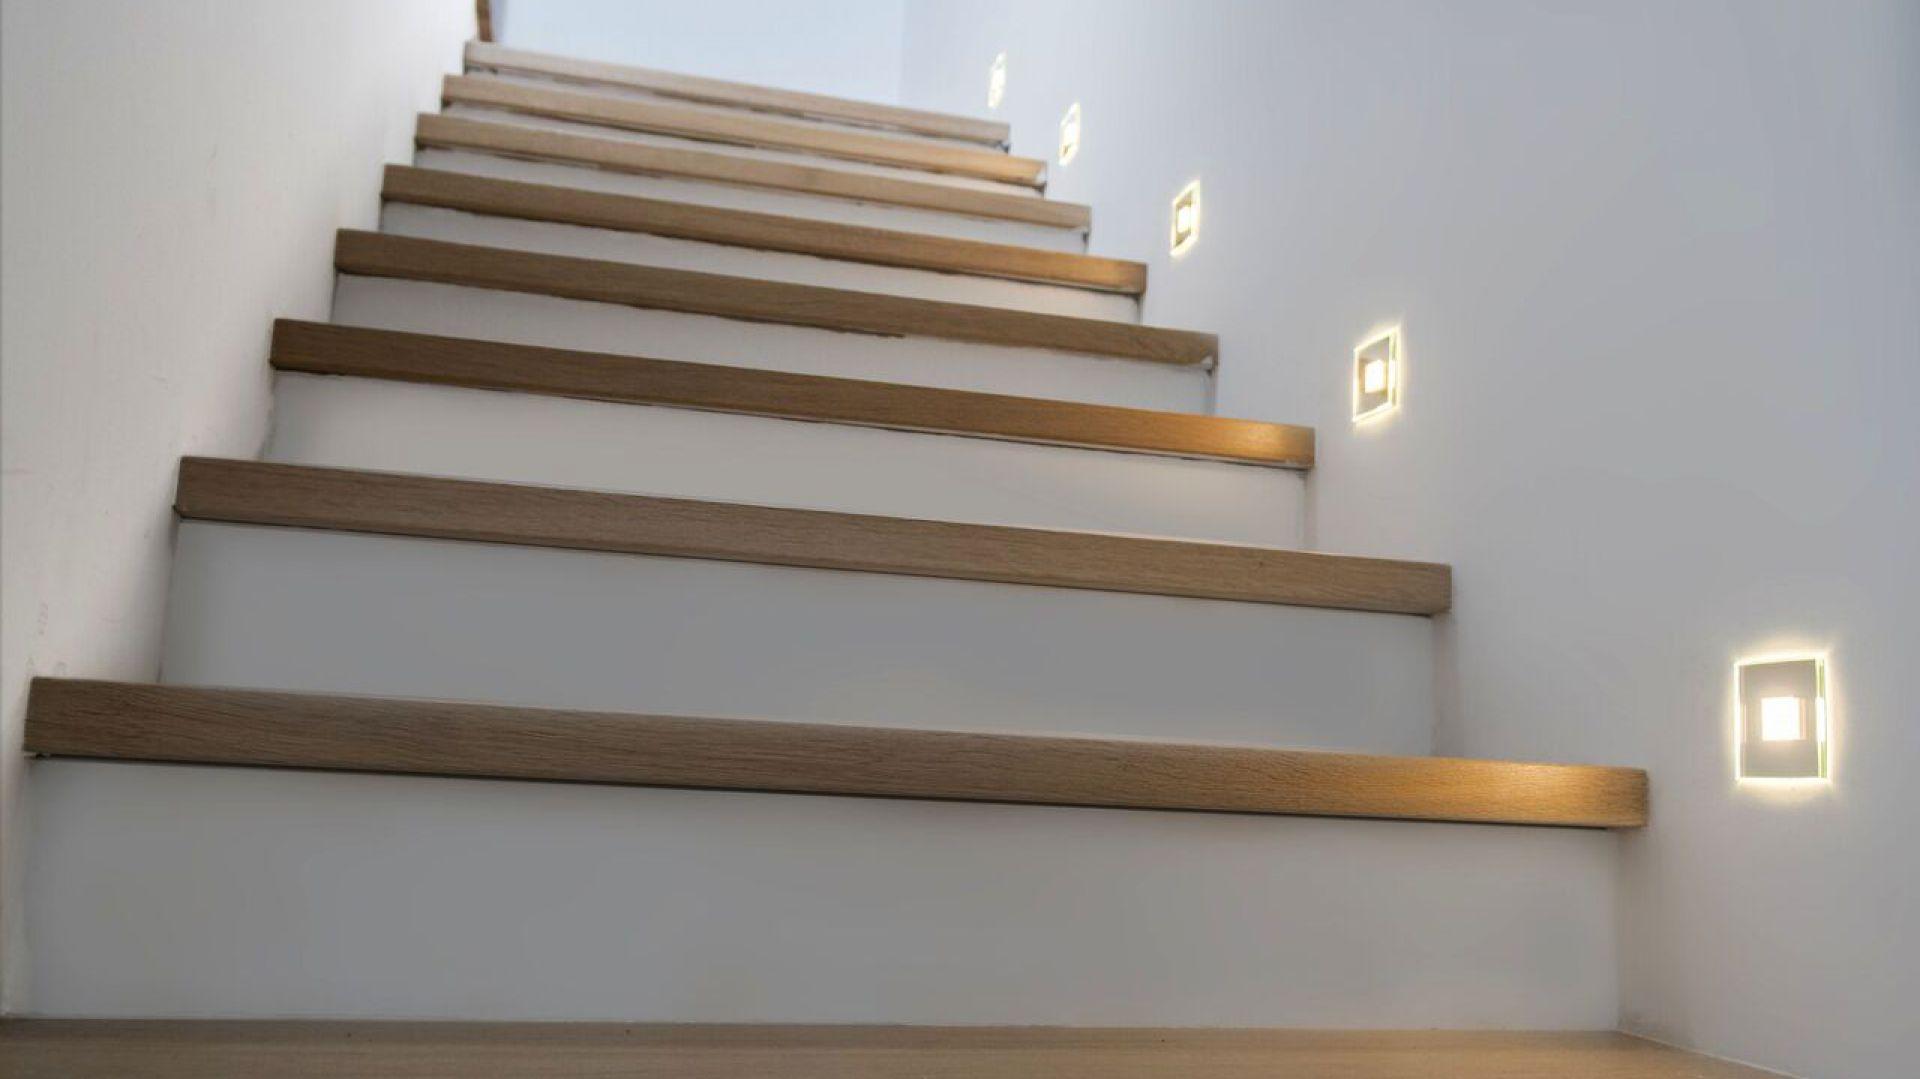 Drewniane oświetlenie schodowe led 30 kol promocja Zdjęcie